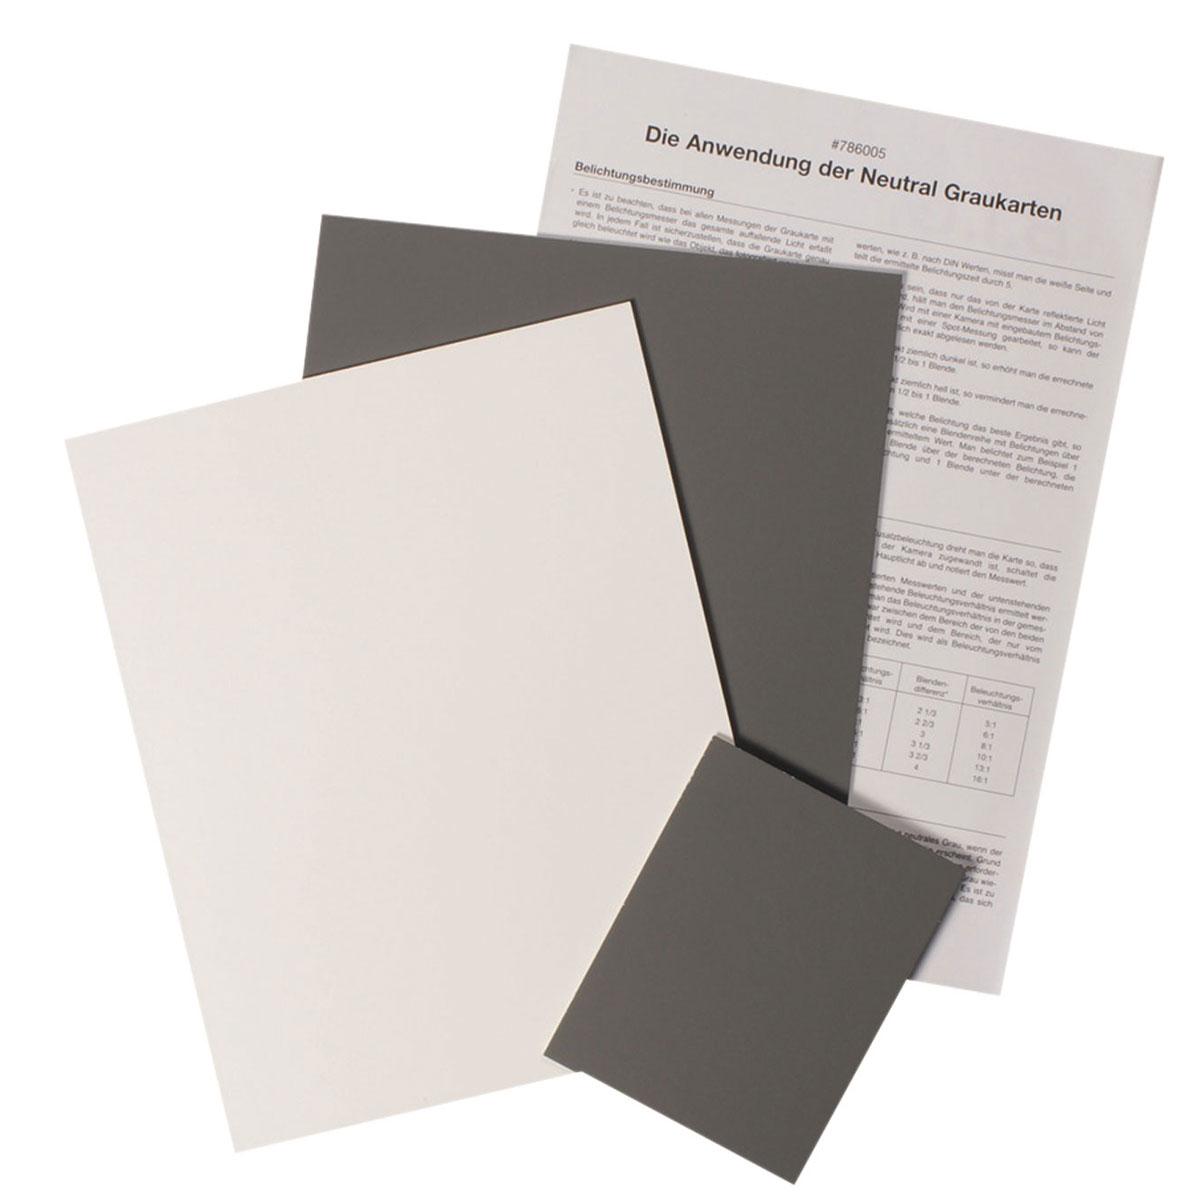 B.I.G. Graukarten-Set 3St. (2x 20x25 cm+1x 10x12 cm)